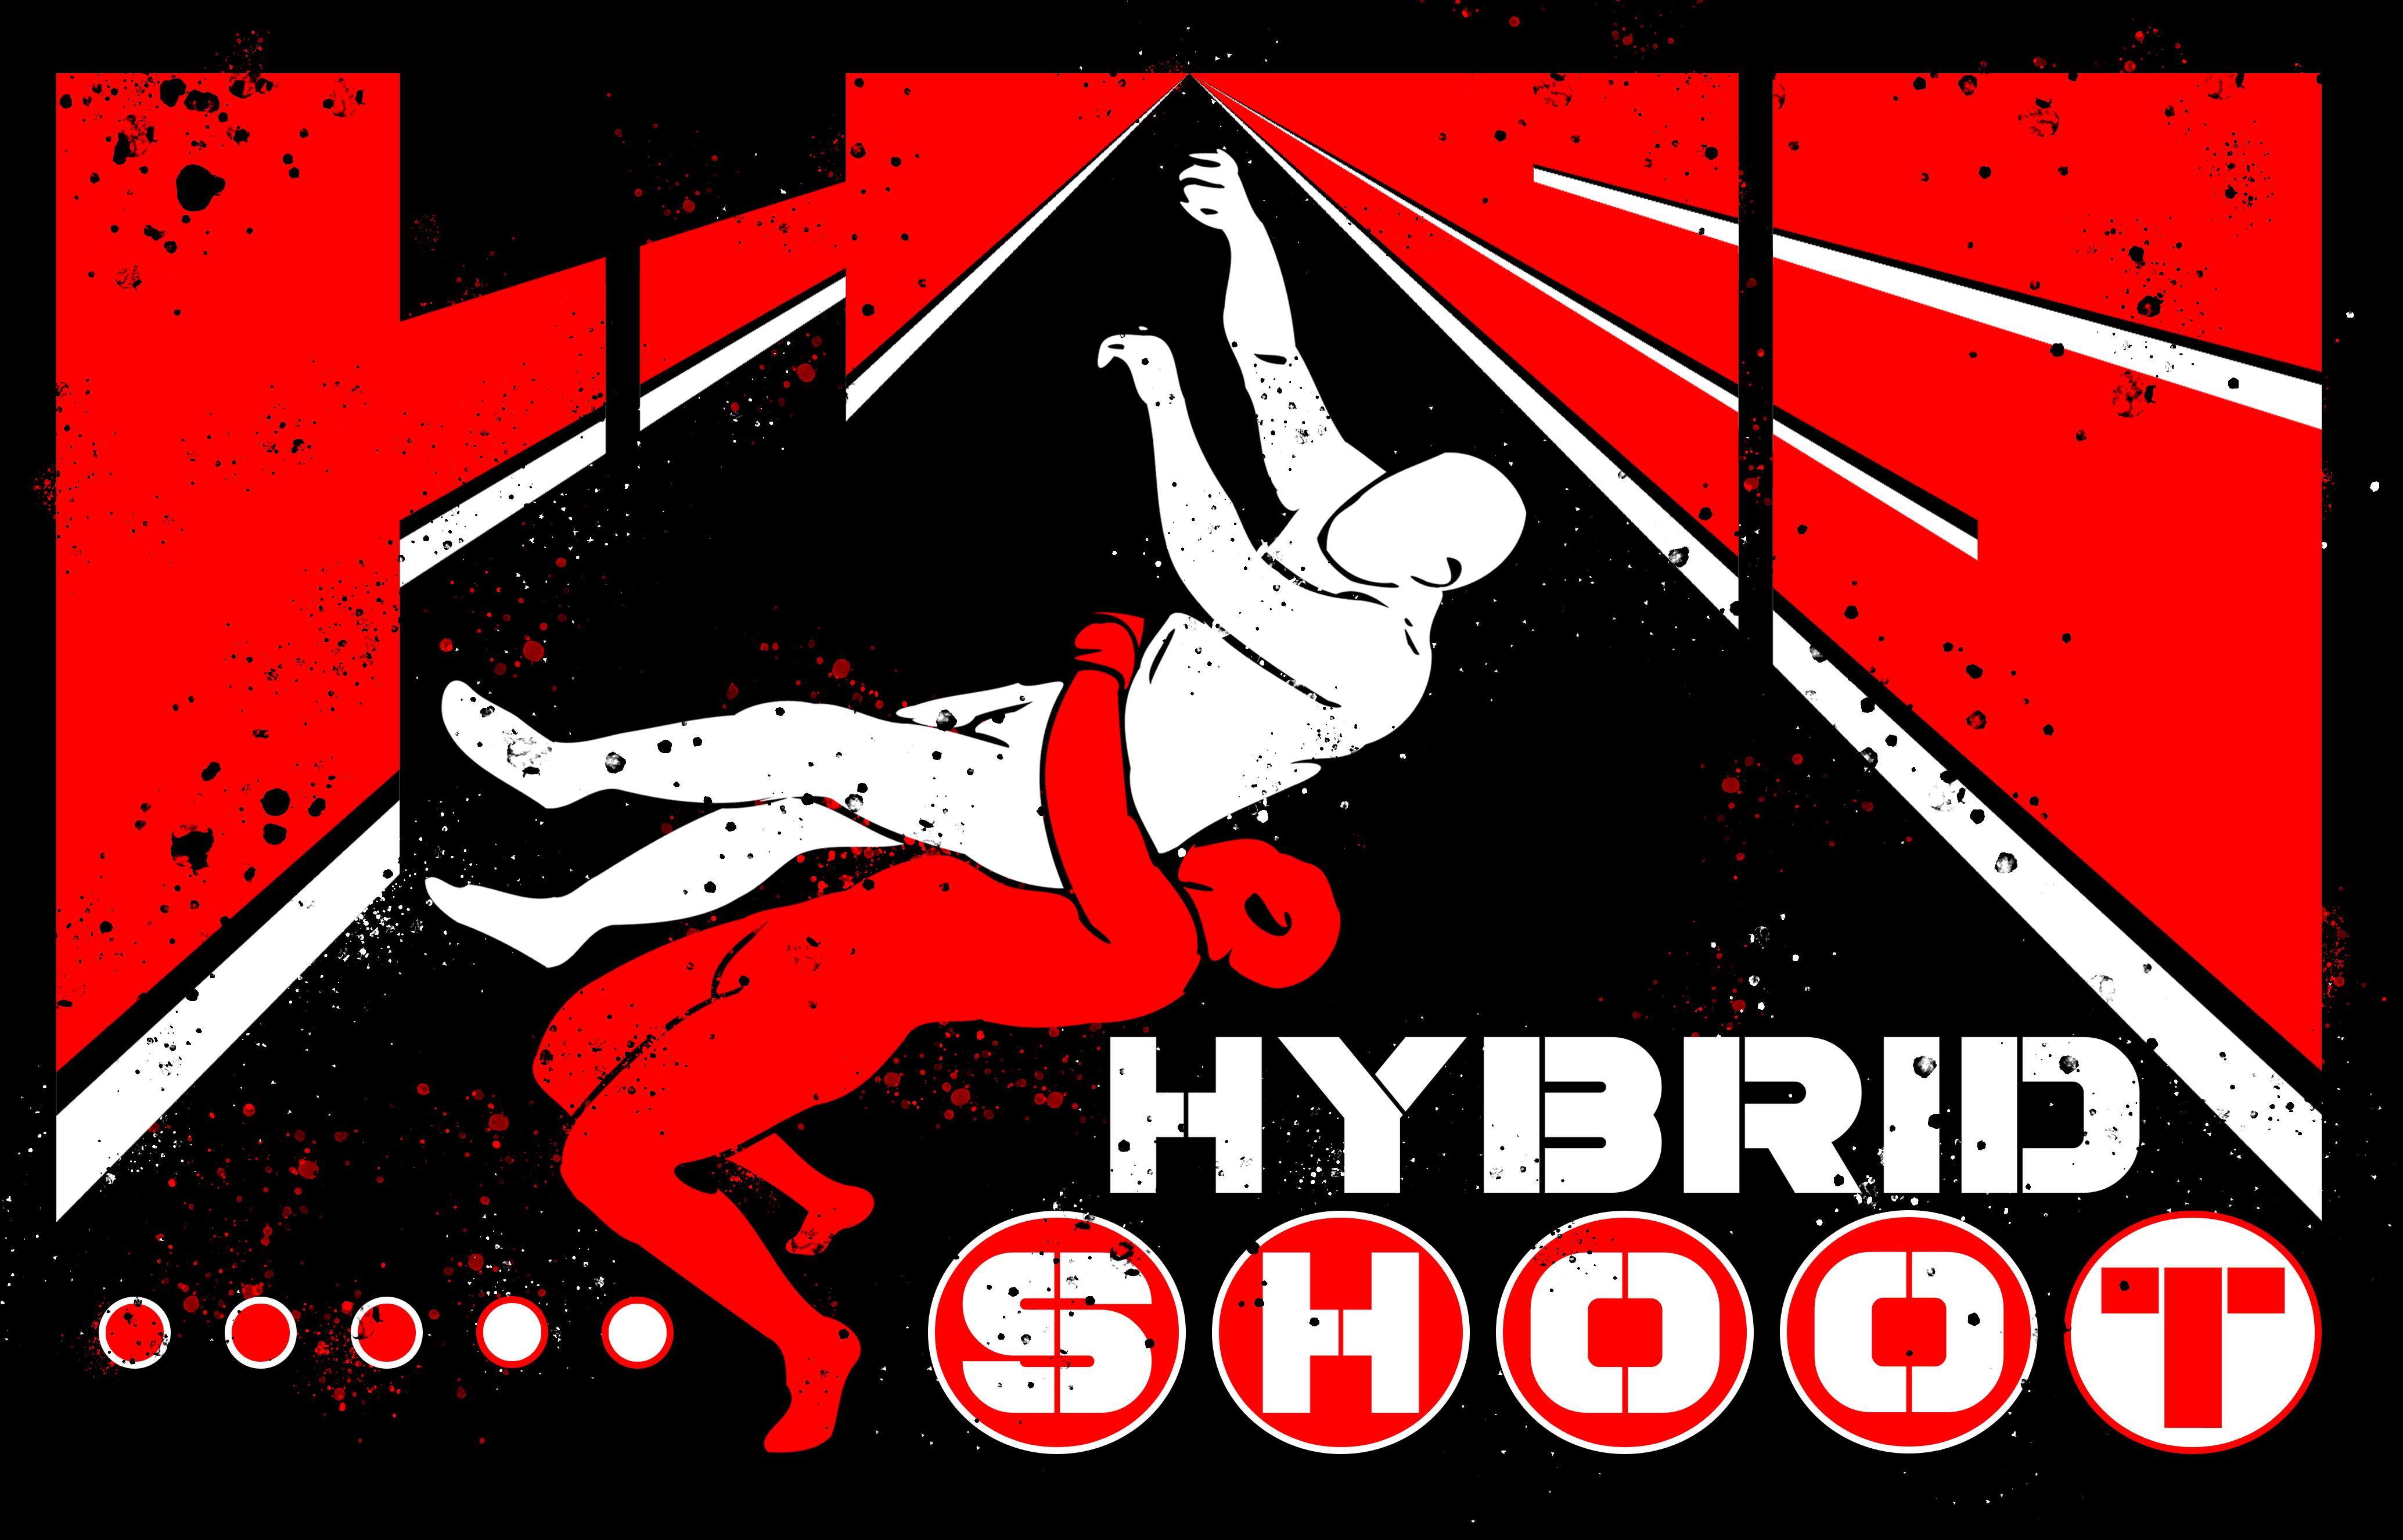 HybridShoot